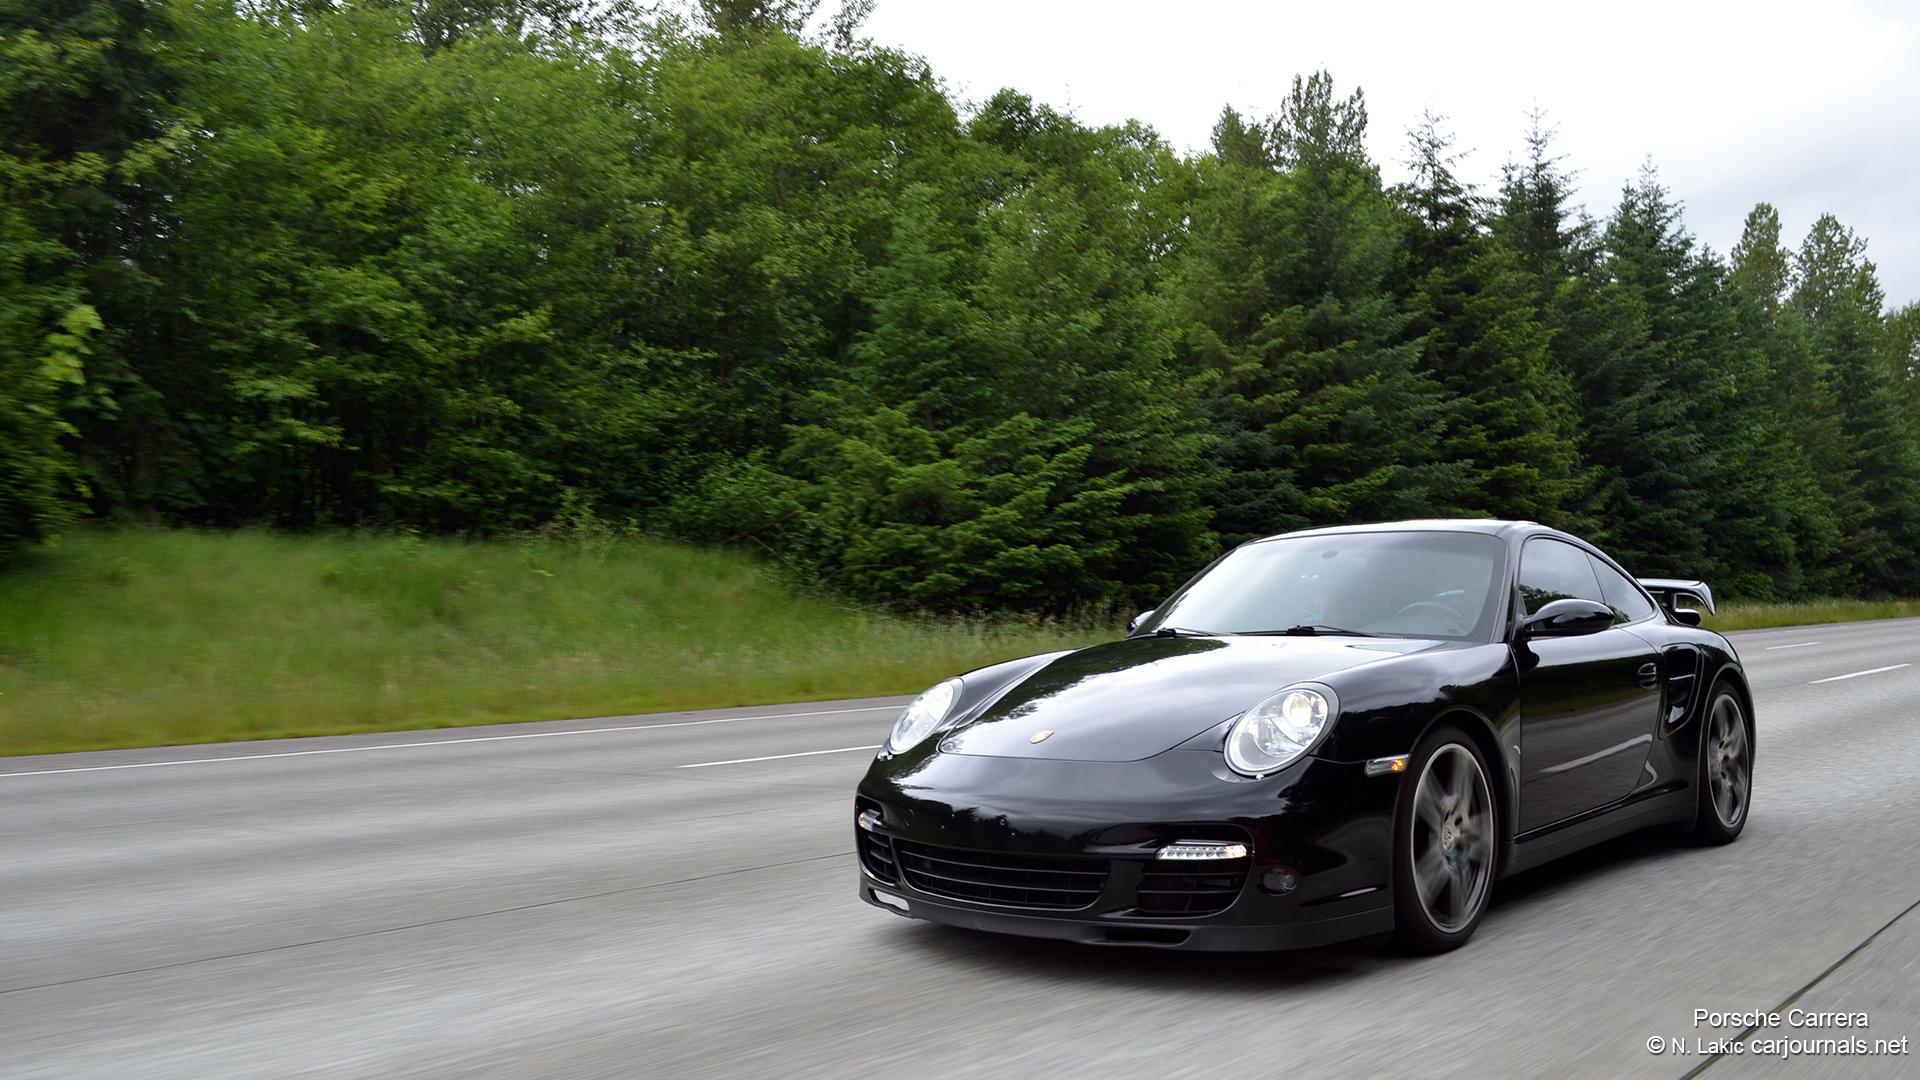 HD Car Wallpapers – Black Porsche Carrera